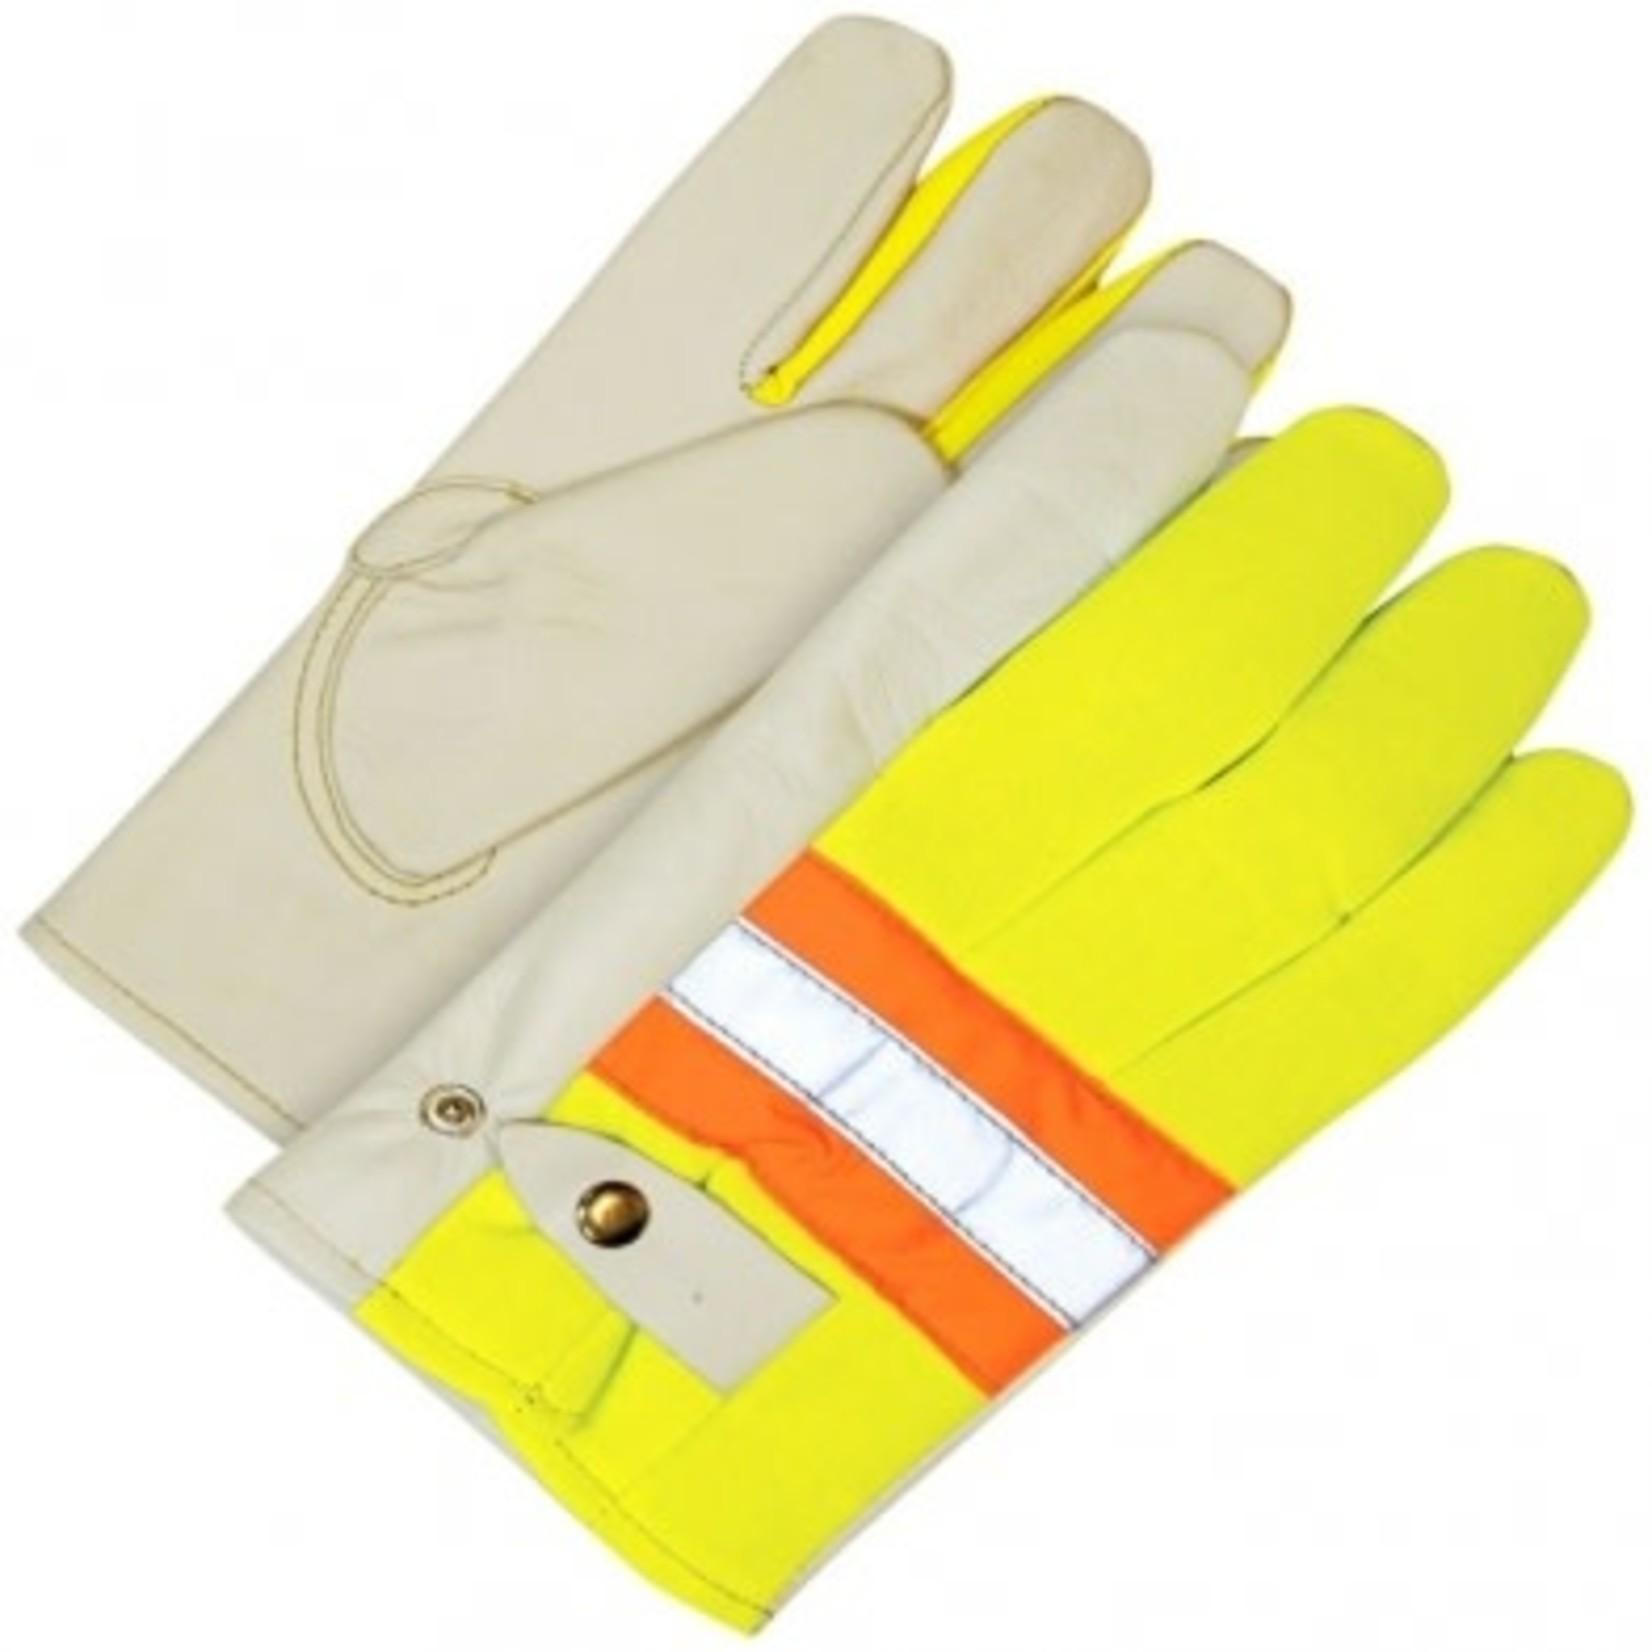 Bob dale gloves Hi-Vis Cowhide Leather Glove